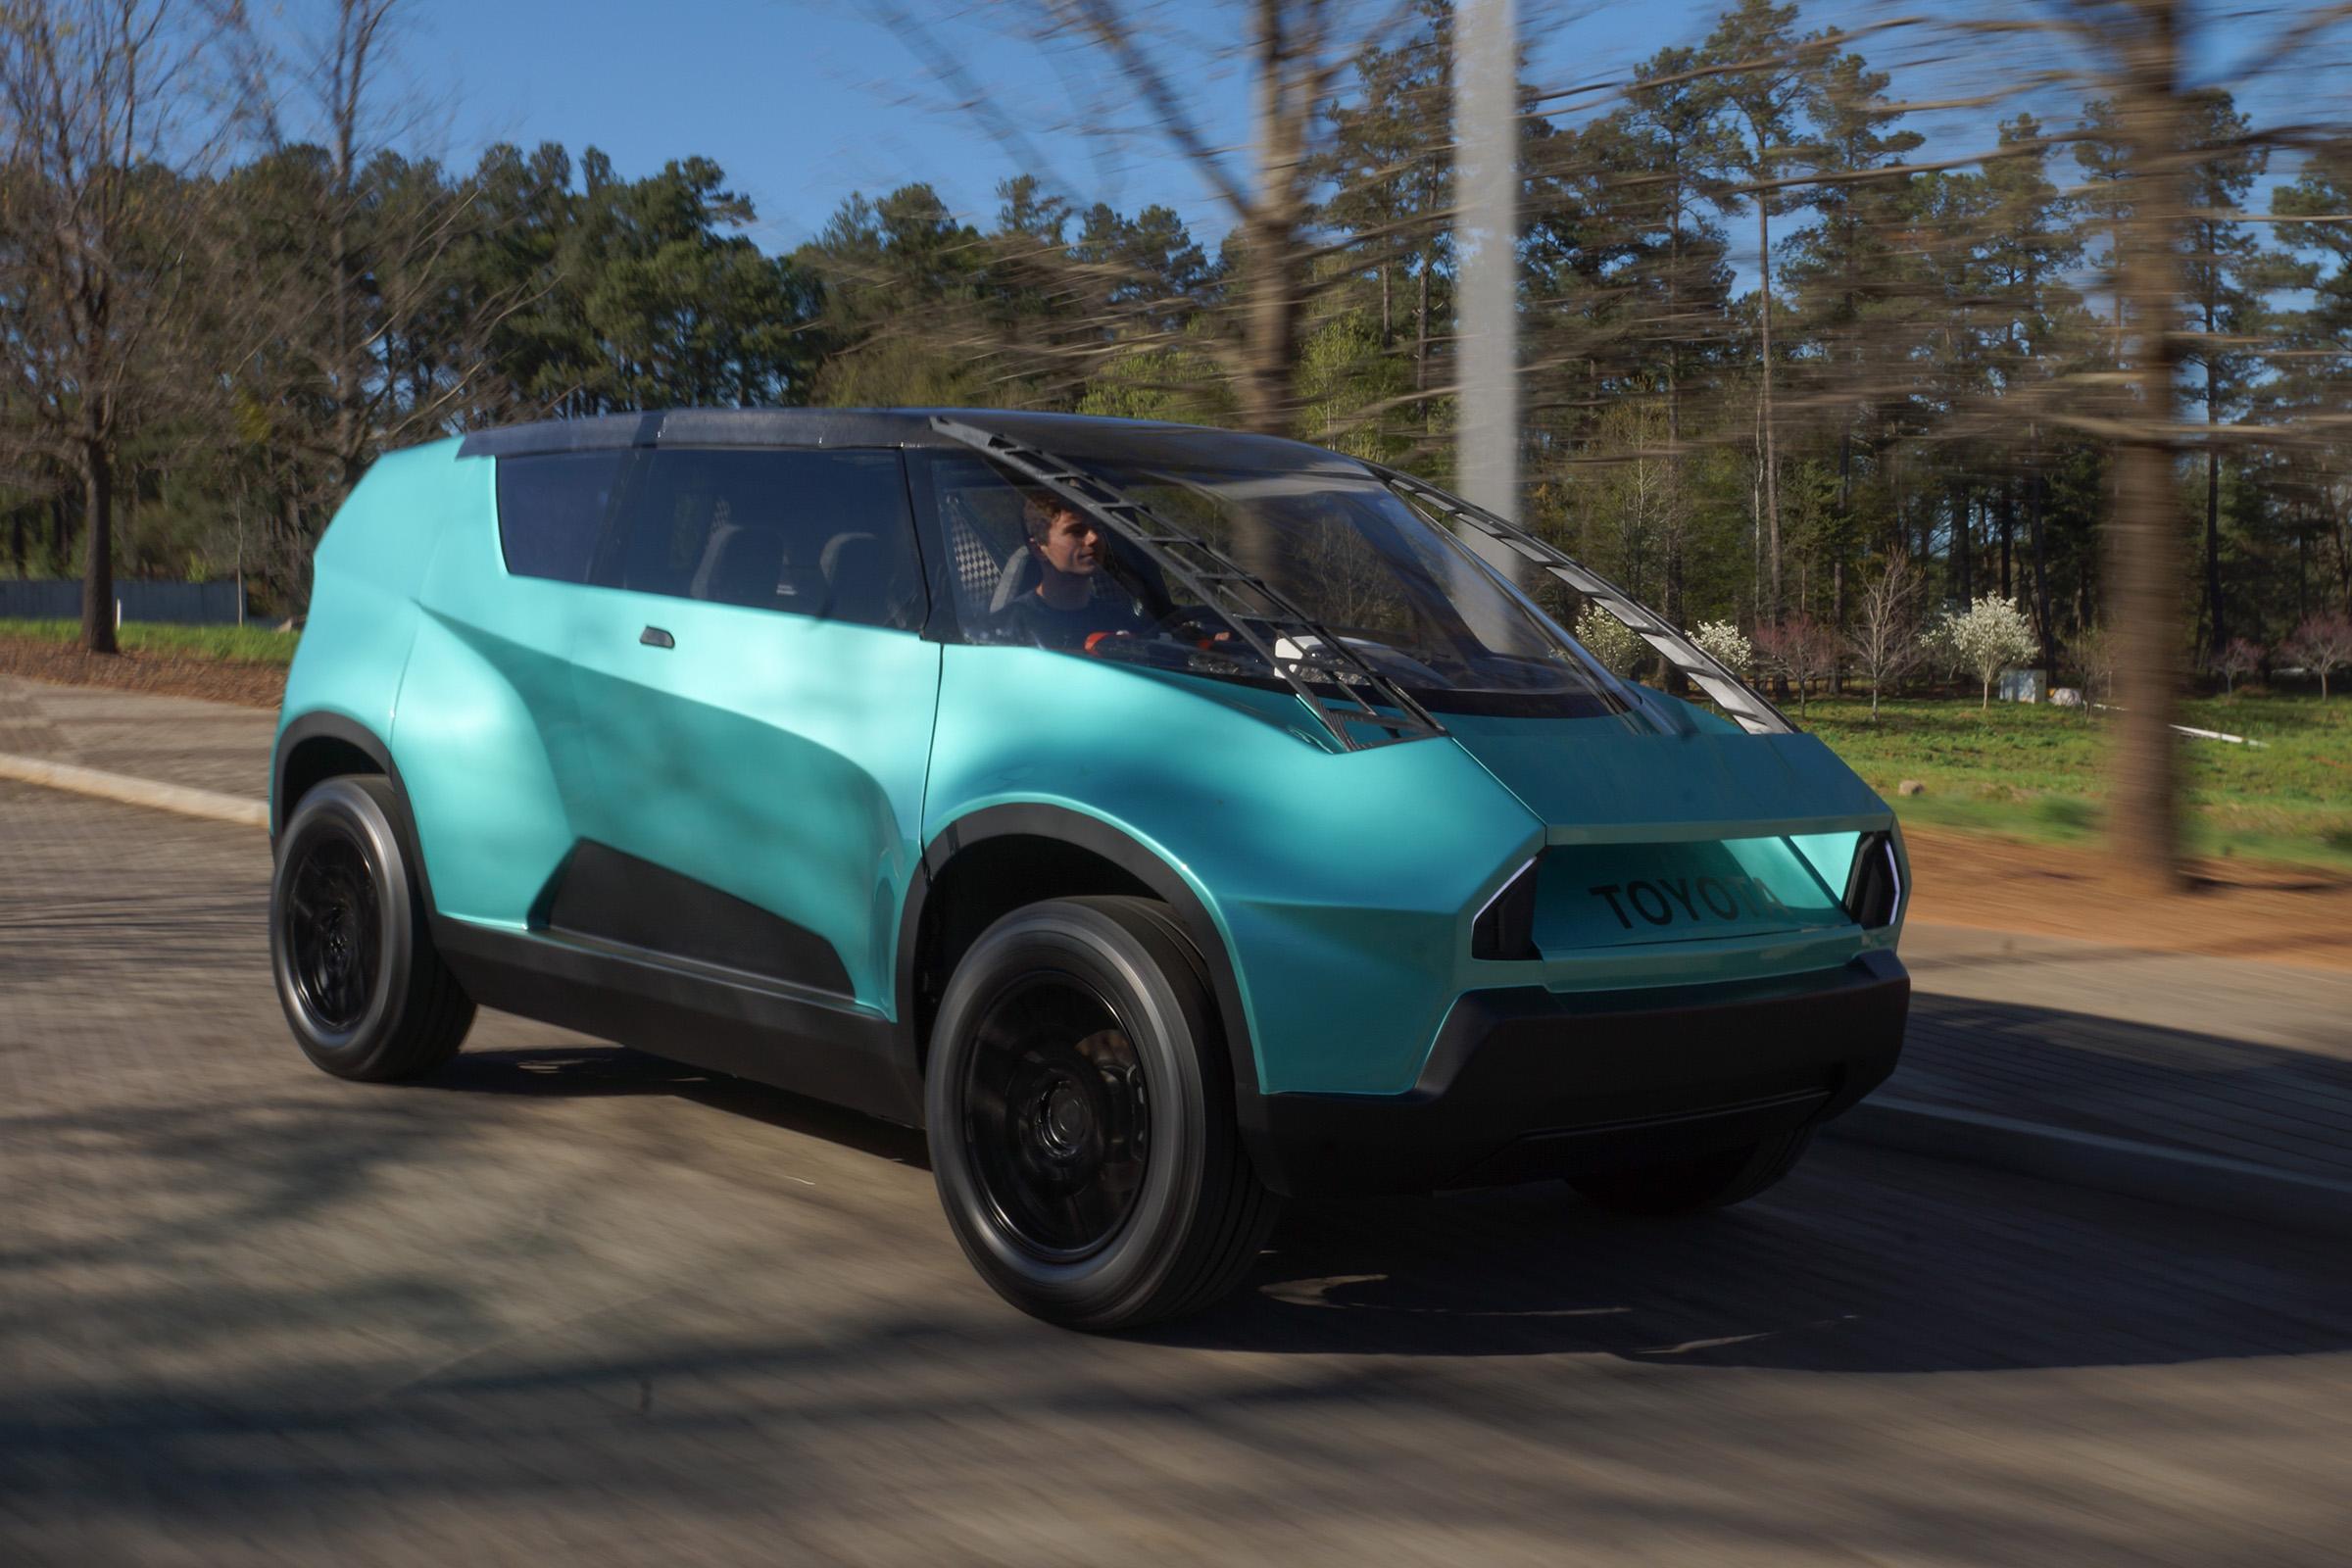 Студенты помогли Toyota сделать «коробочный» автомобиль